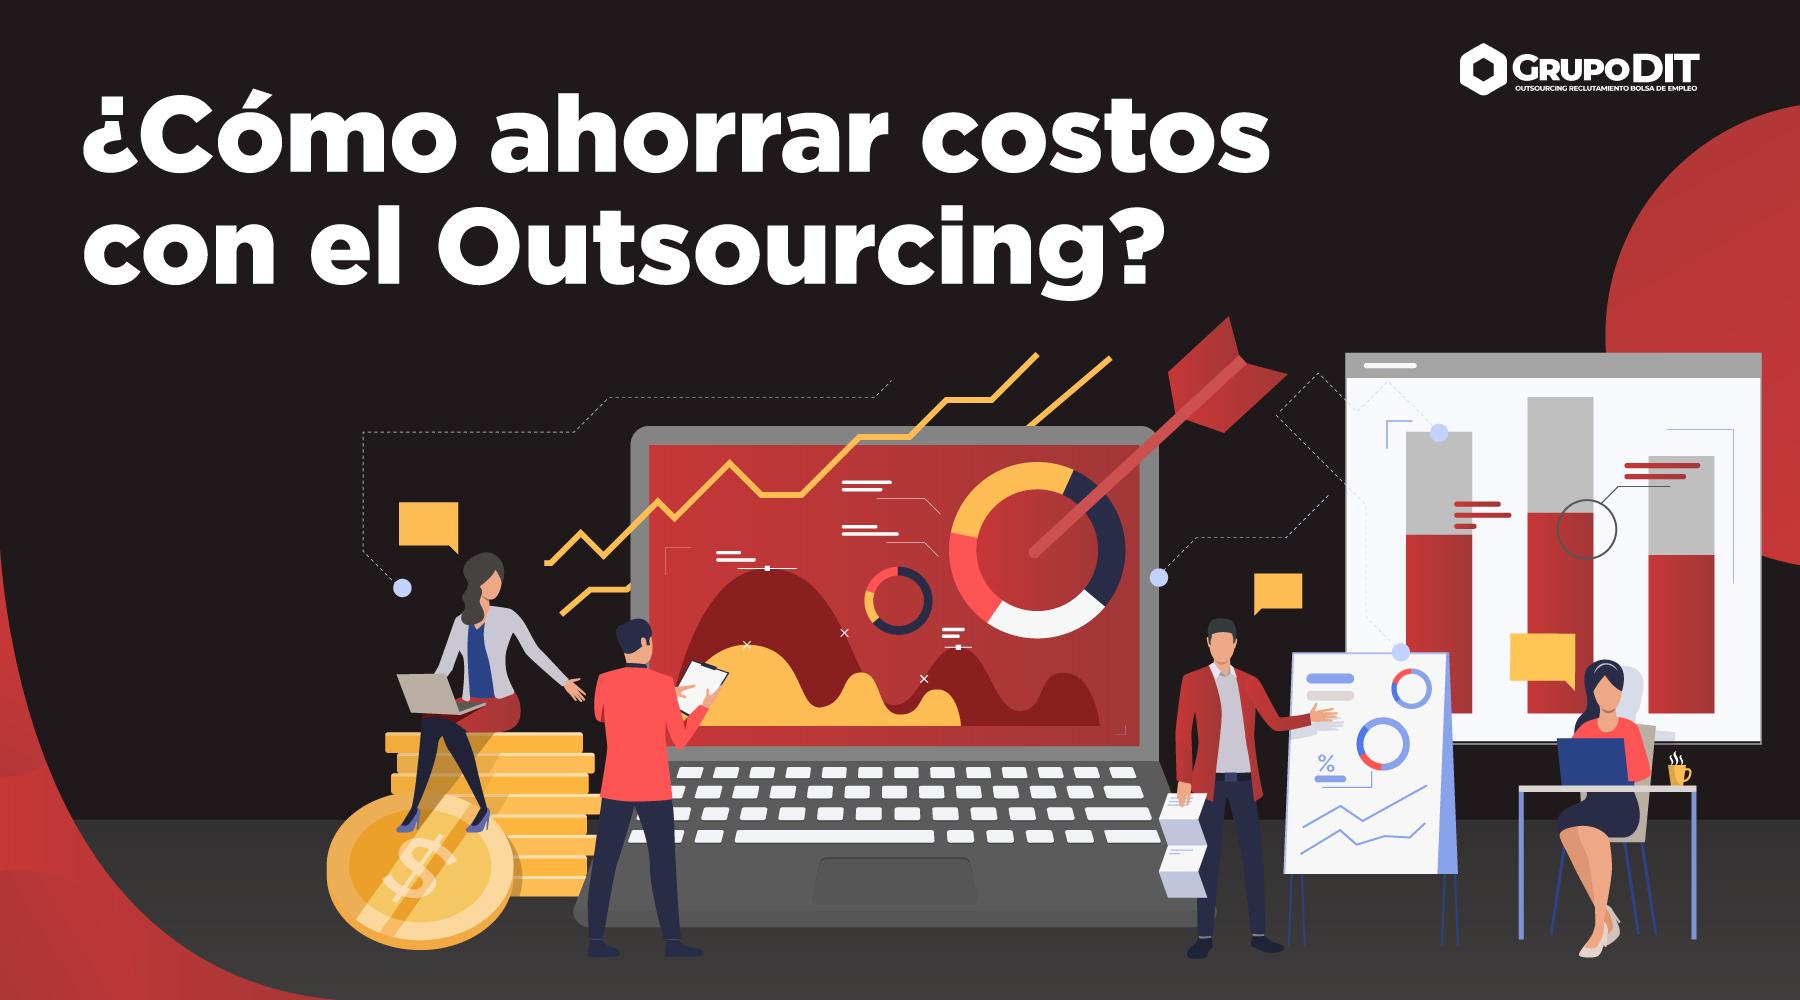 ¿Cómo ahorrar costos con el Outsourcing de Grupo DIT?